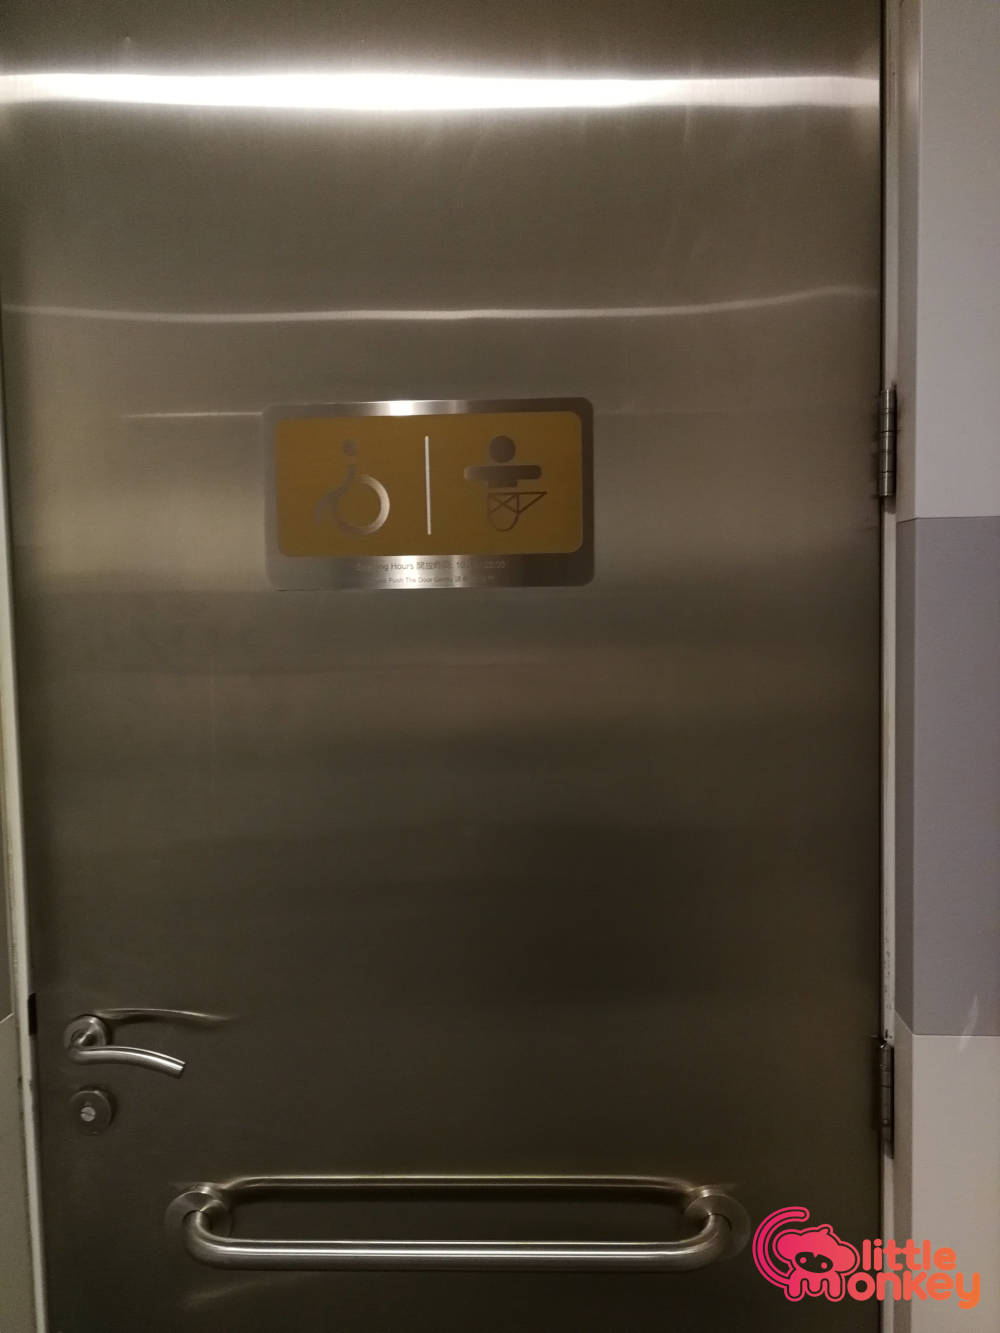 K11's steel entrance door of baby care room